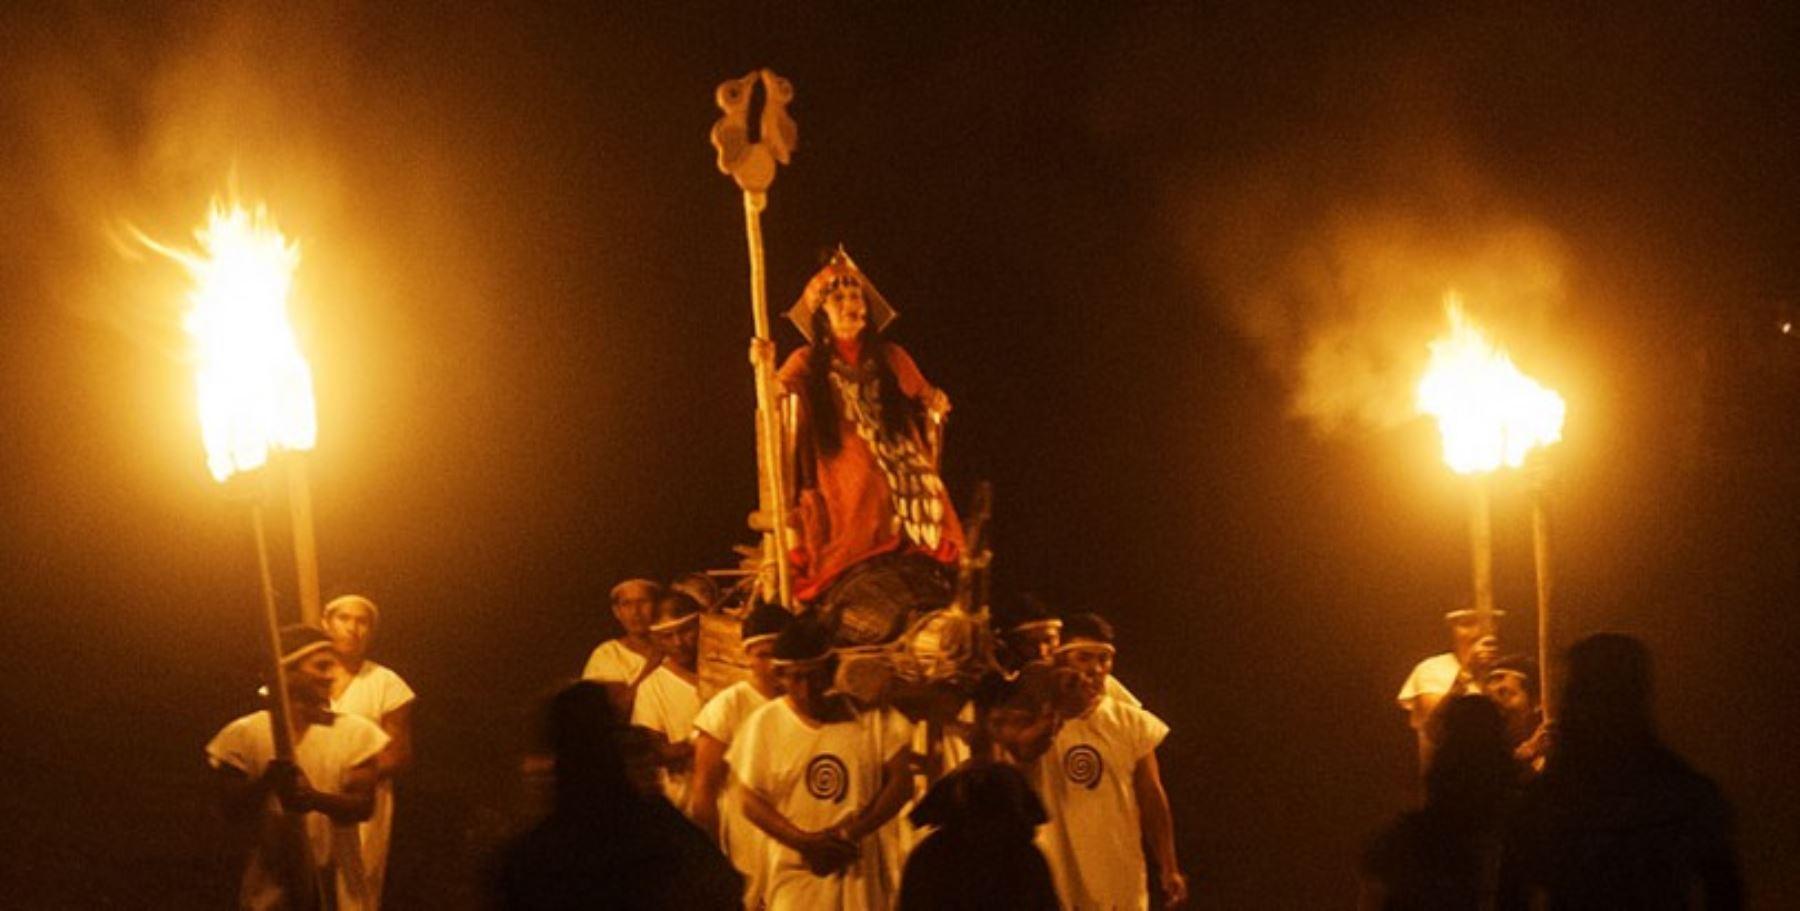 Con diversas actividades culturales se celebrará, el próximo viernes 29 y sábado 30 de abril, el undécimo aniversario de la puesta en valor de Áspero, ciudad pesquera de la civilización Caral,  en el sitio arqueológico ubicado en Supe Puerto.